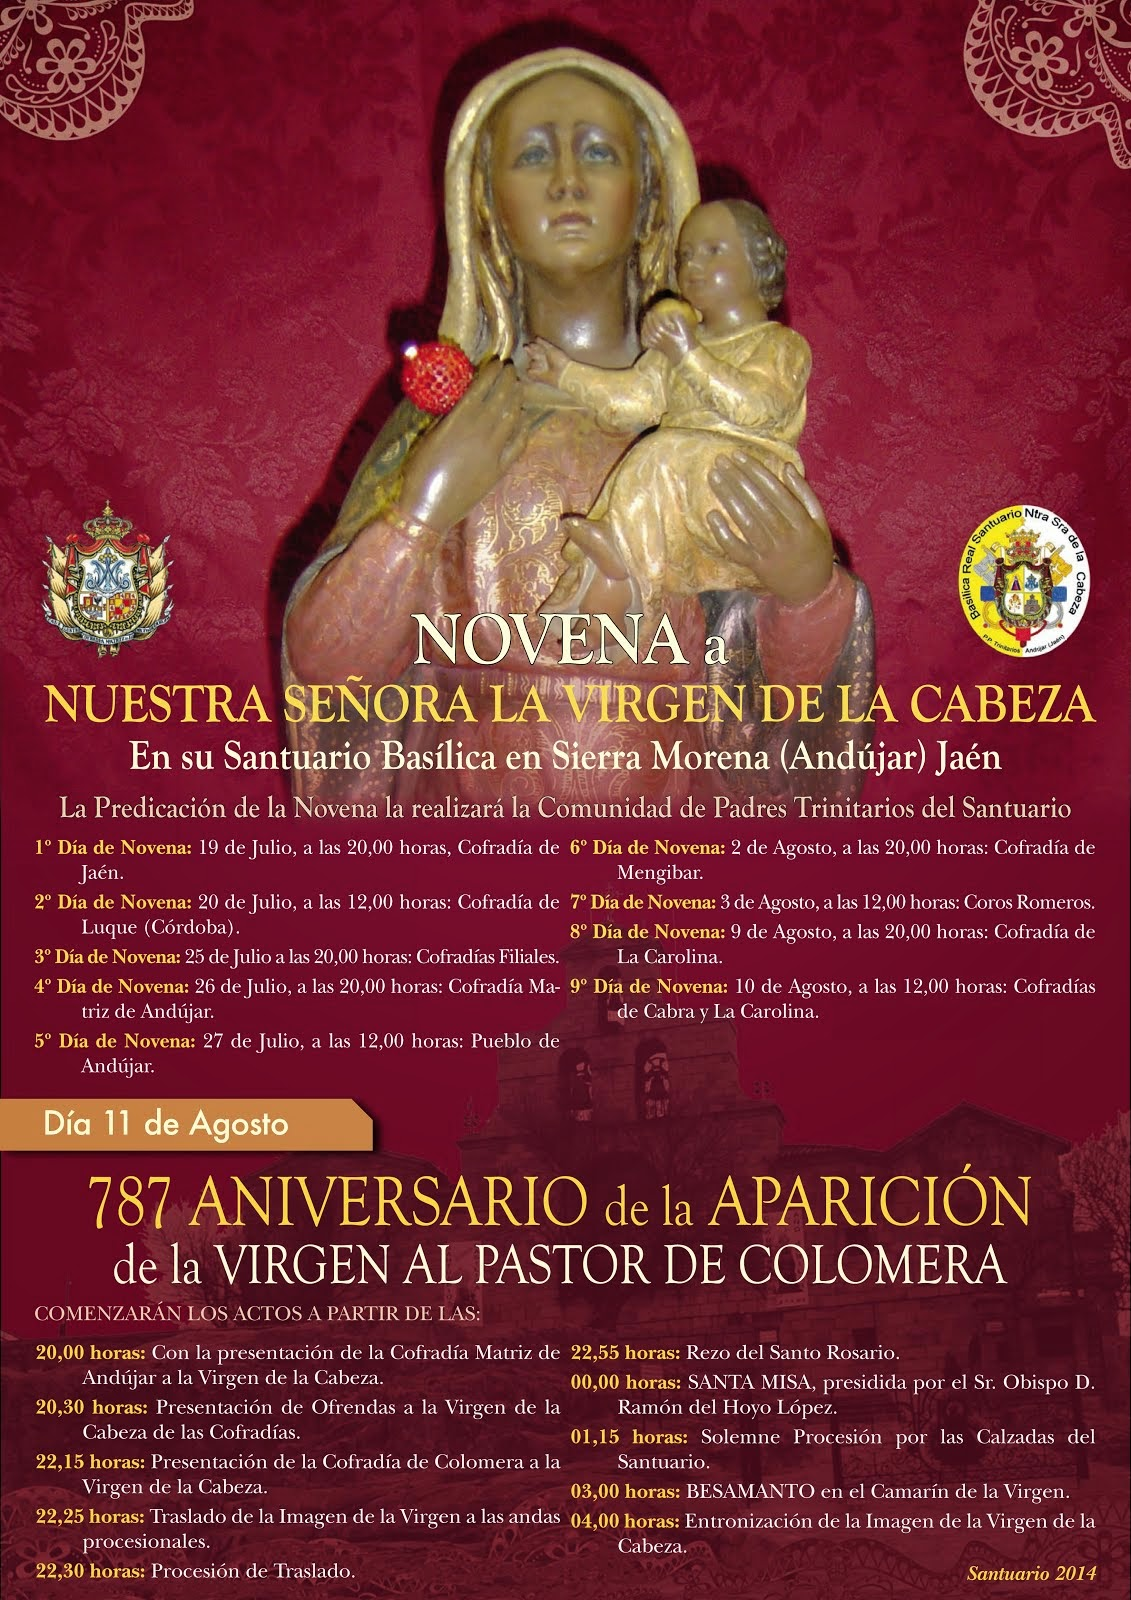 NOVENA Y APARICIÓN 2014